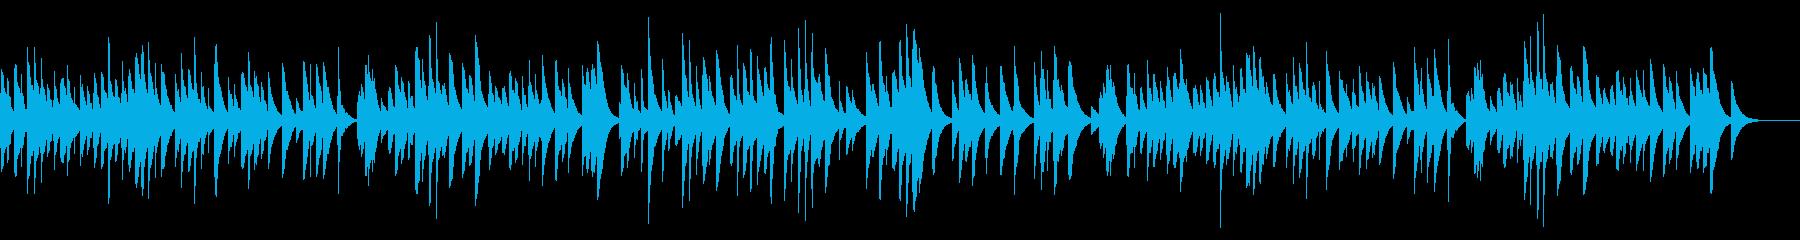 亡き王女のためのパヴァーヌ カード式オルの再生済みの波形